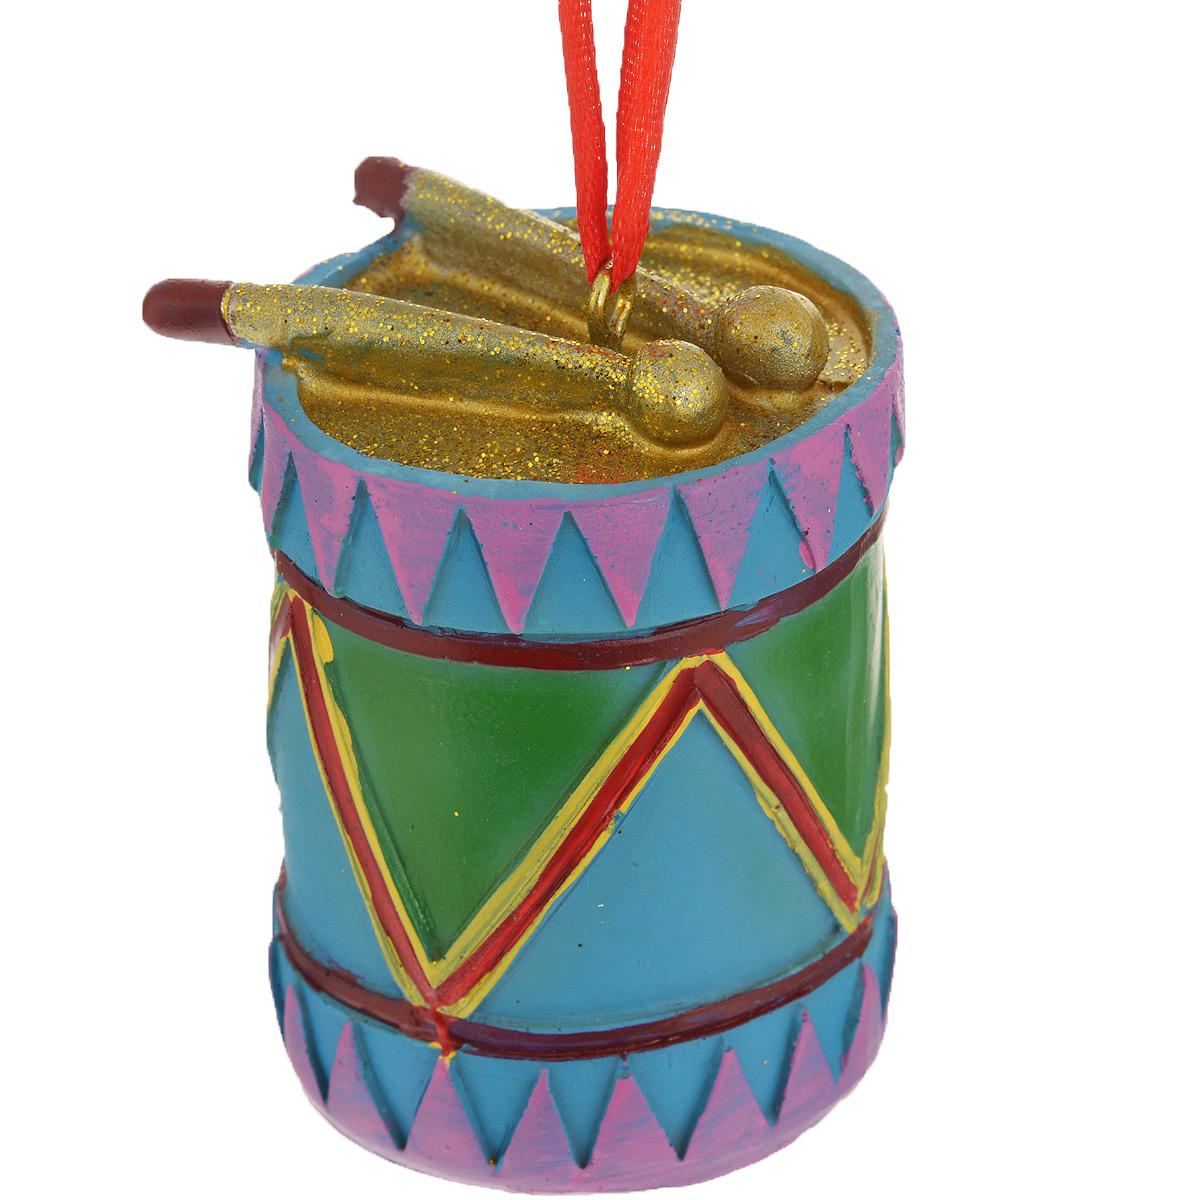 Новогоднее подвесное украшение Барабан. 3460034600Оригинальное новогоднее украшение из пластика прекрасно подойдет для праздничного декора дома и новогодней ели. Изделие крепится на елку с помощью металлического зажима.